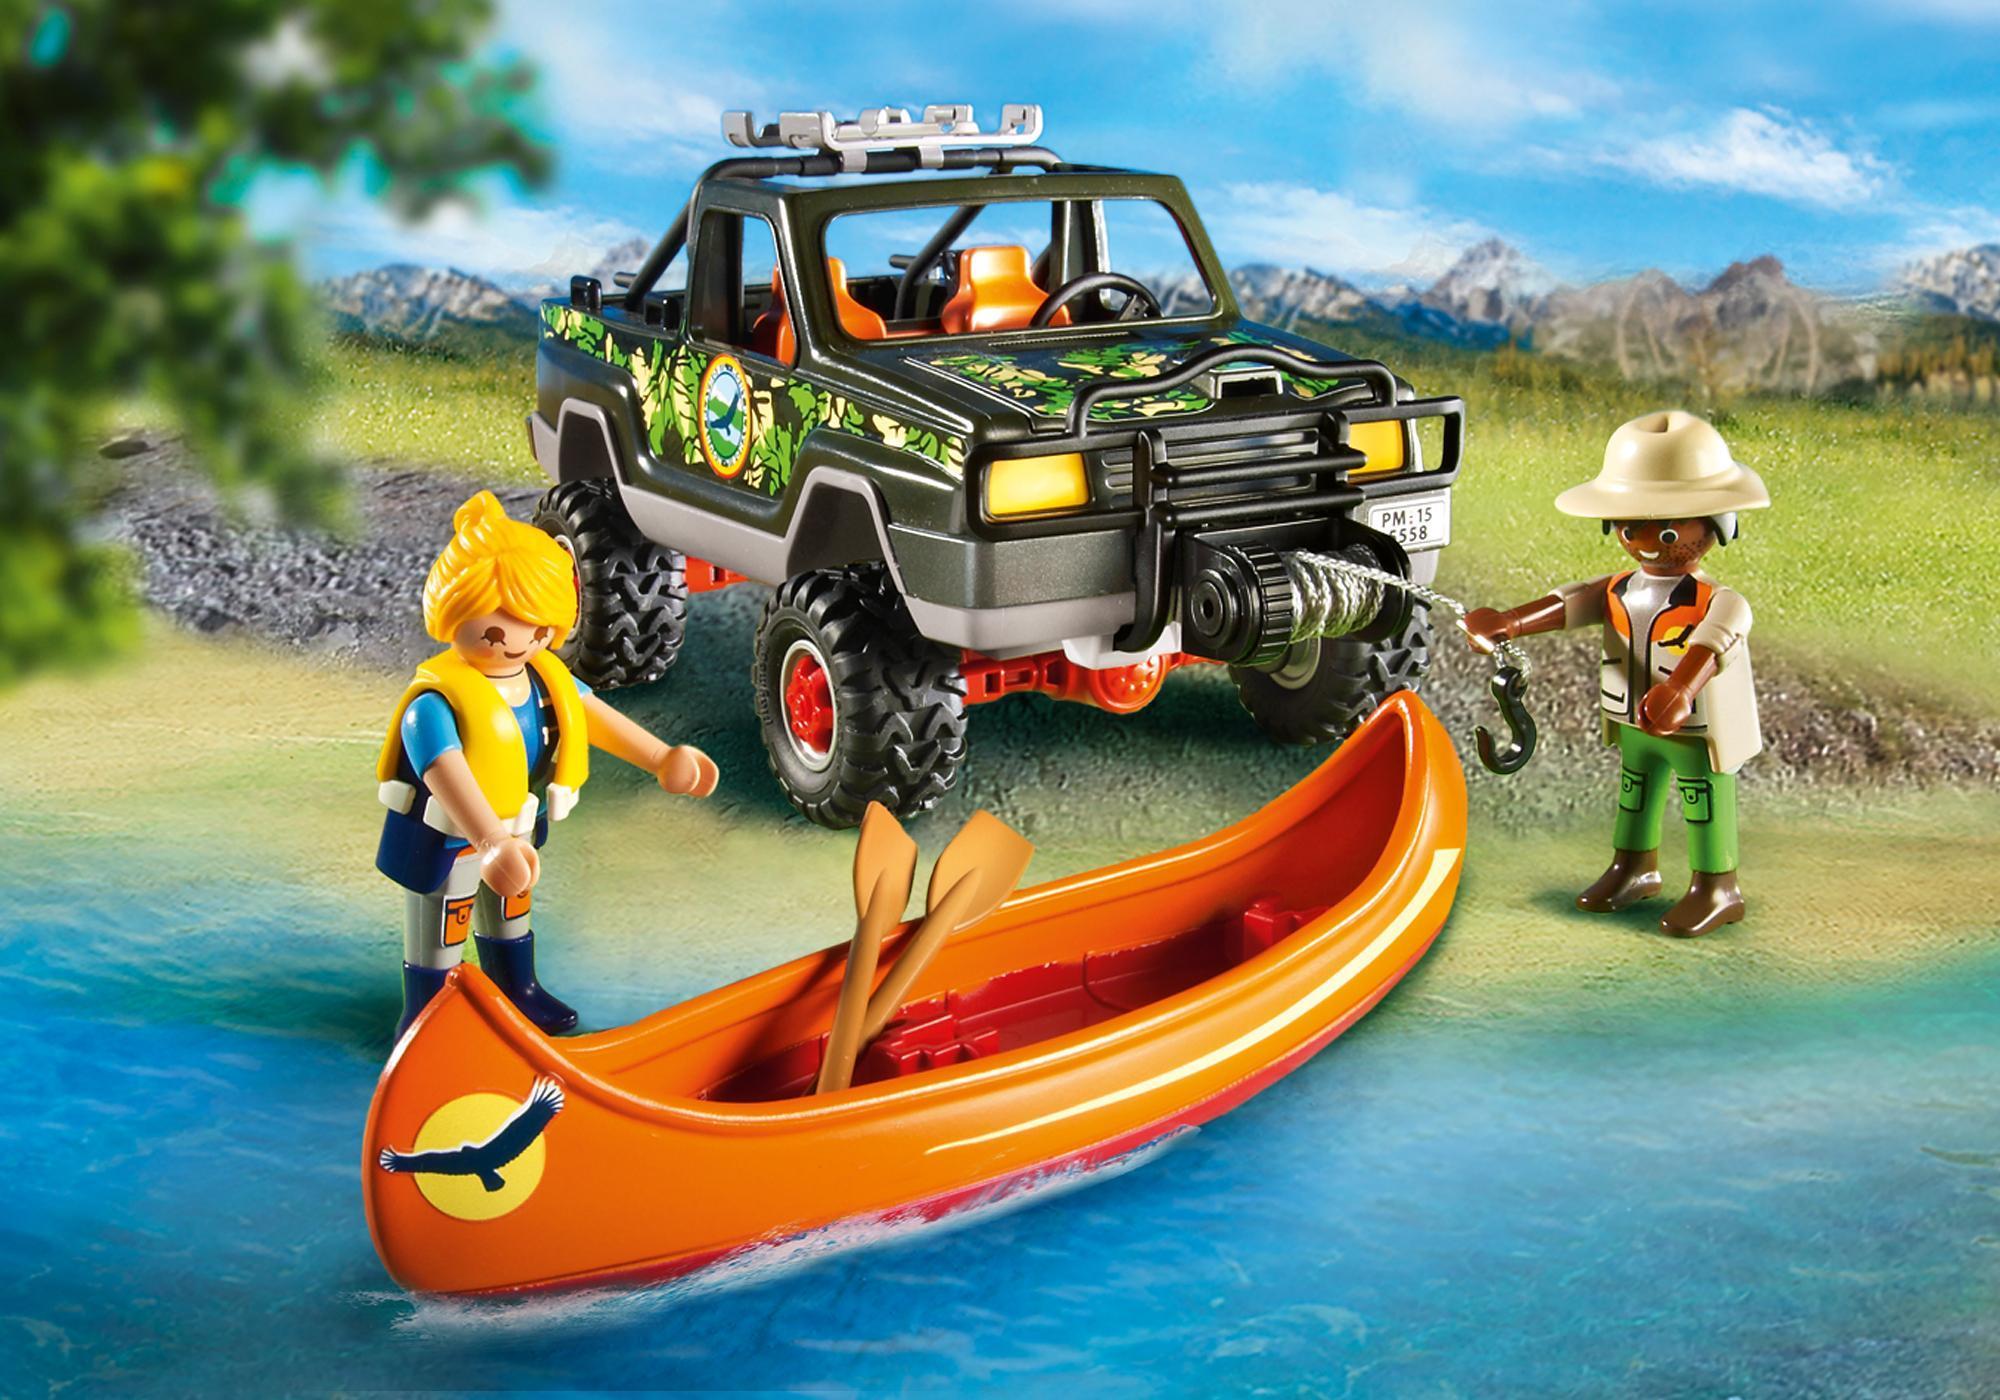 http://media.playmobil.com/i/playmobil/5558_product_extra2/Äventyrspickup